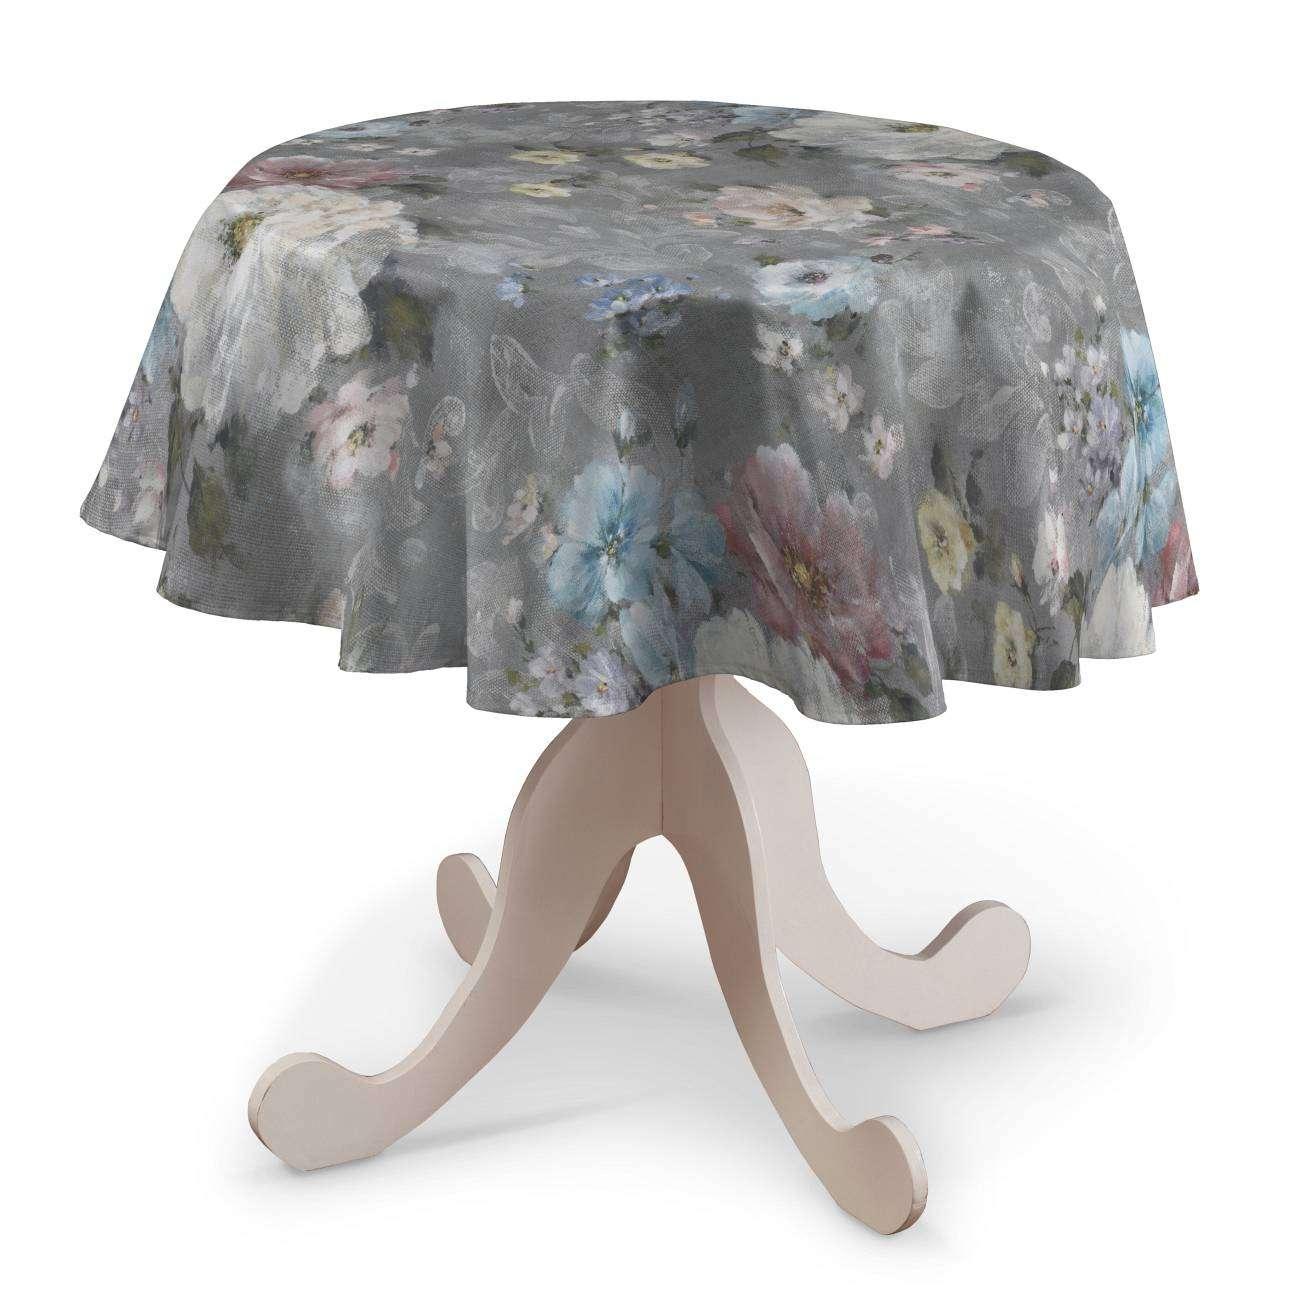 Runde Tischdecke von der Kollektion Monet, Stoff: 137-81